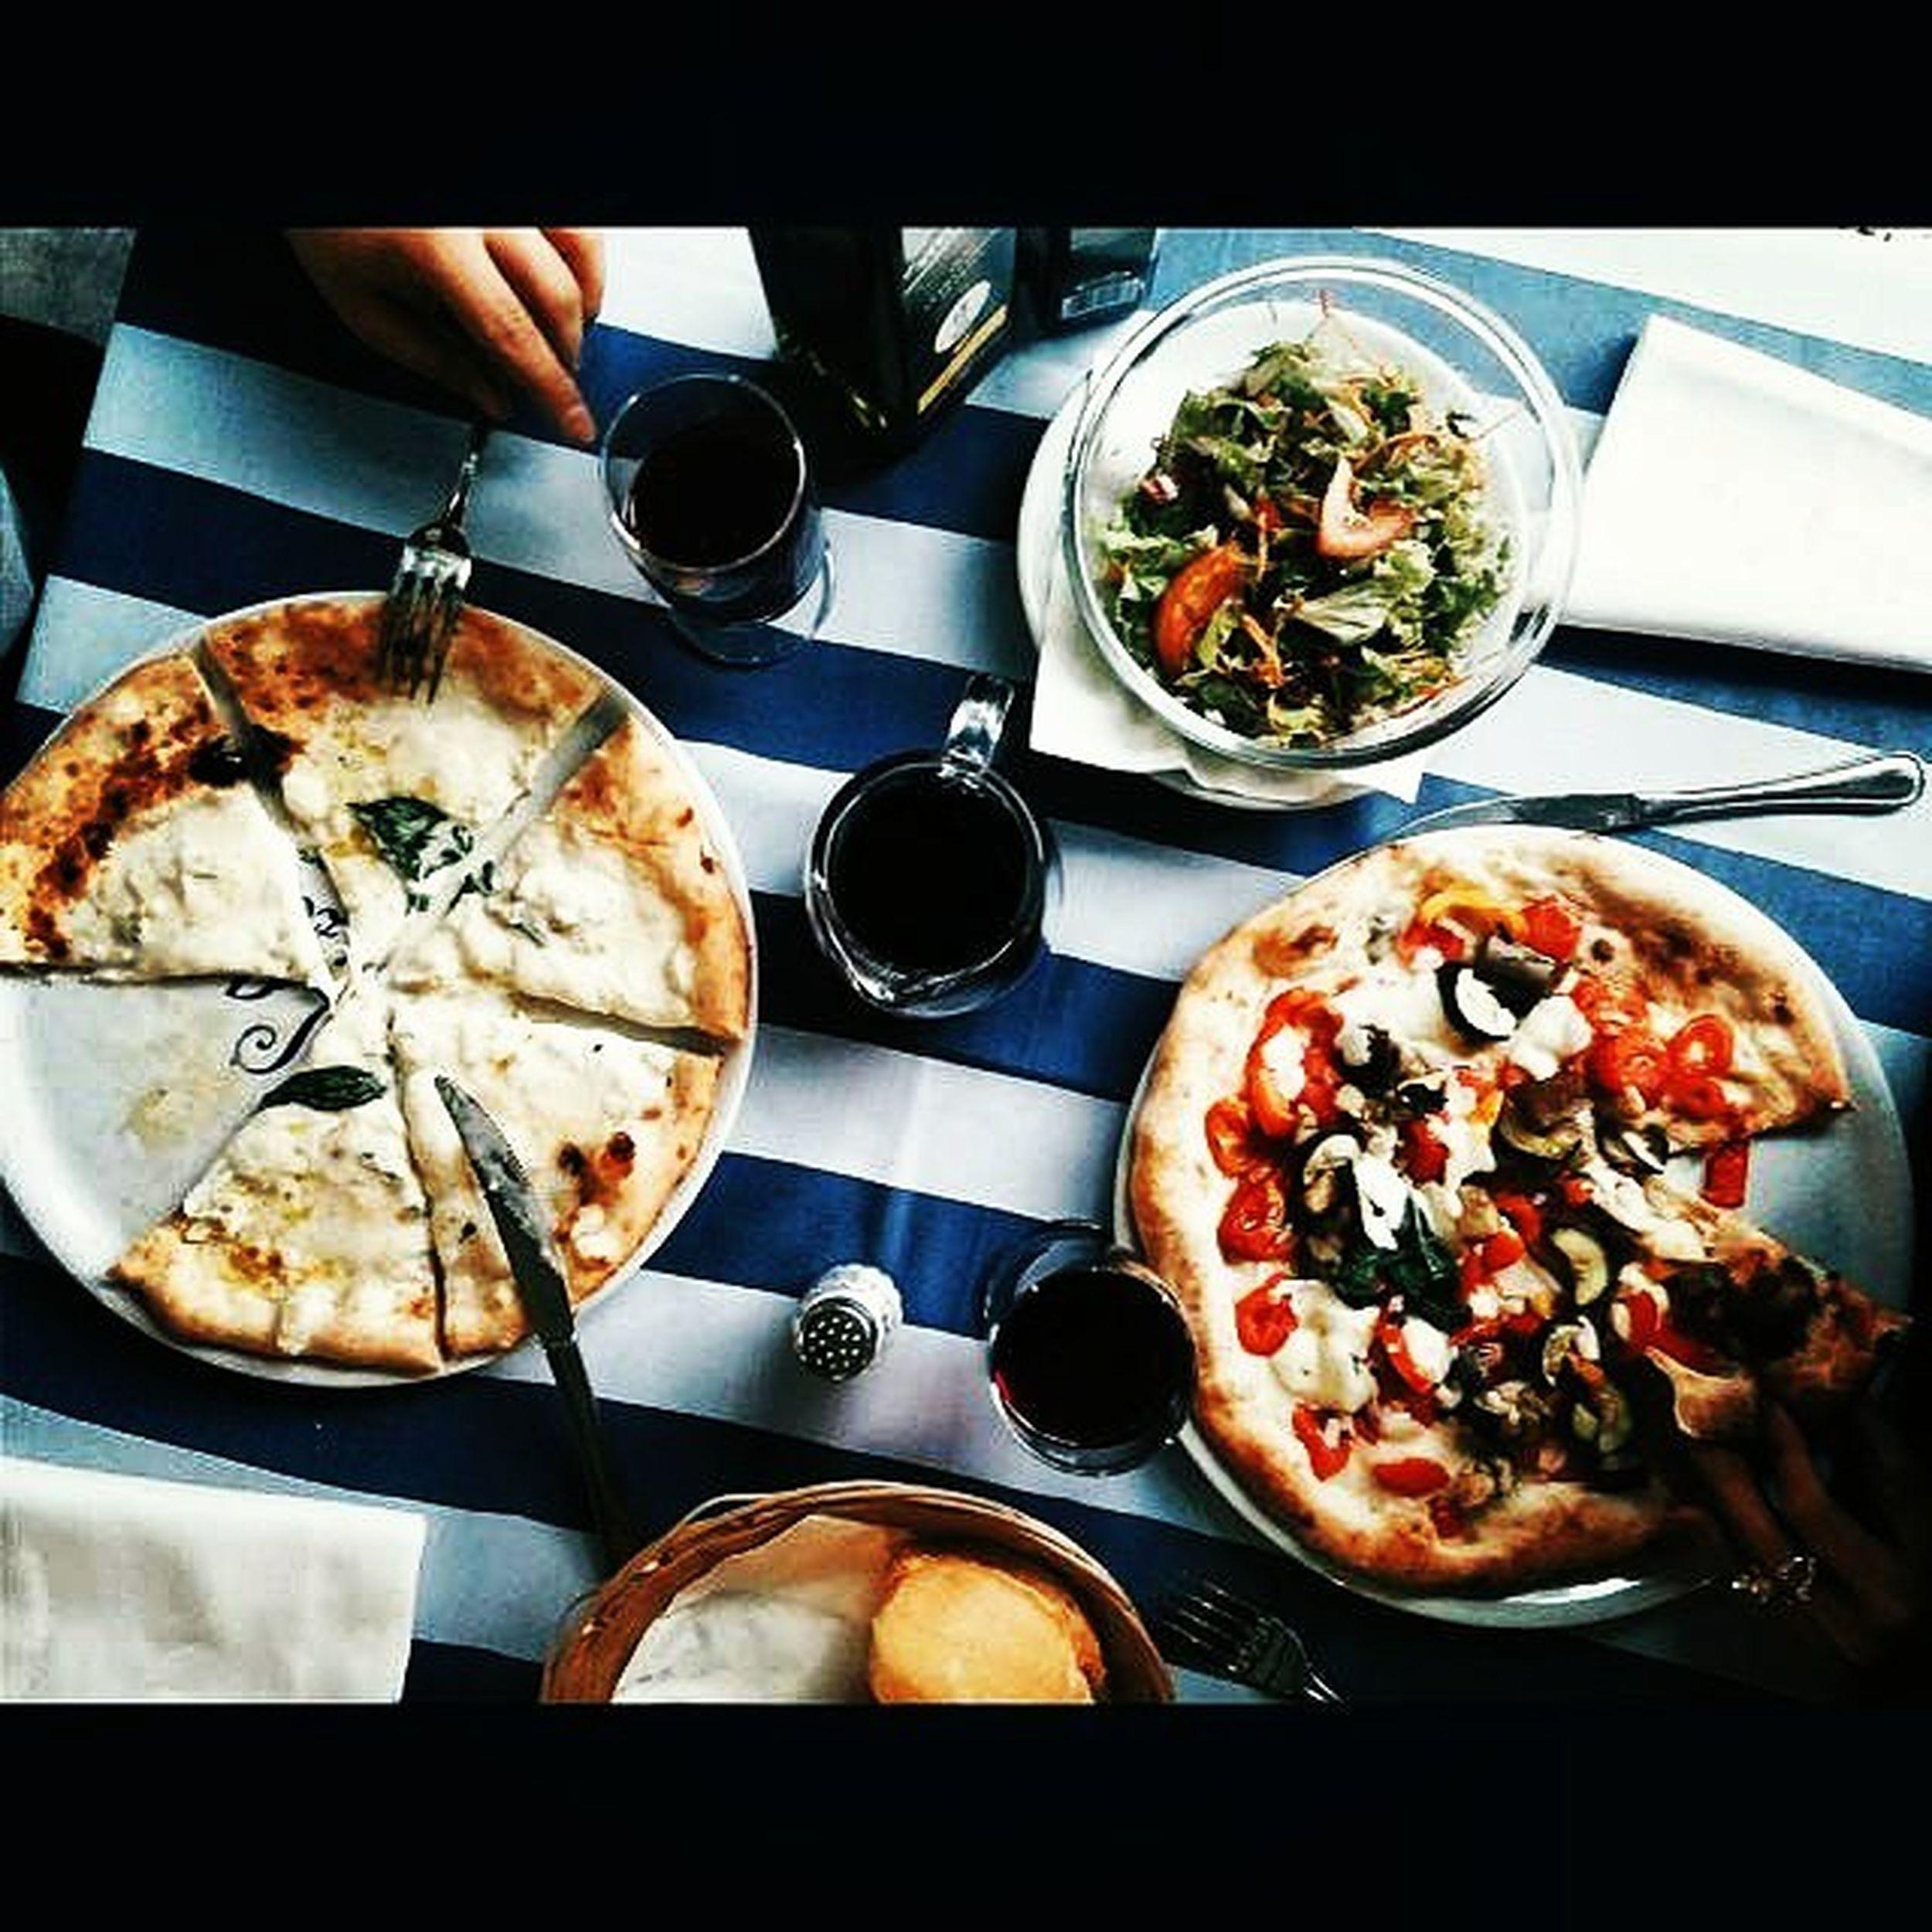 Pizzetta accompagnata con un Bicchiere di Chianti 😍😍😍🌃 Italy Dolcevita